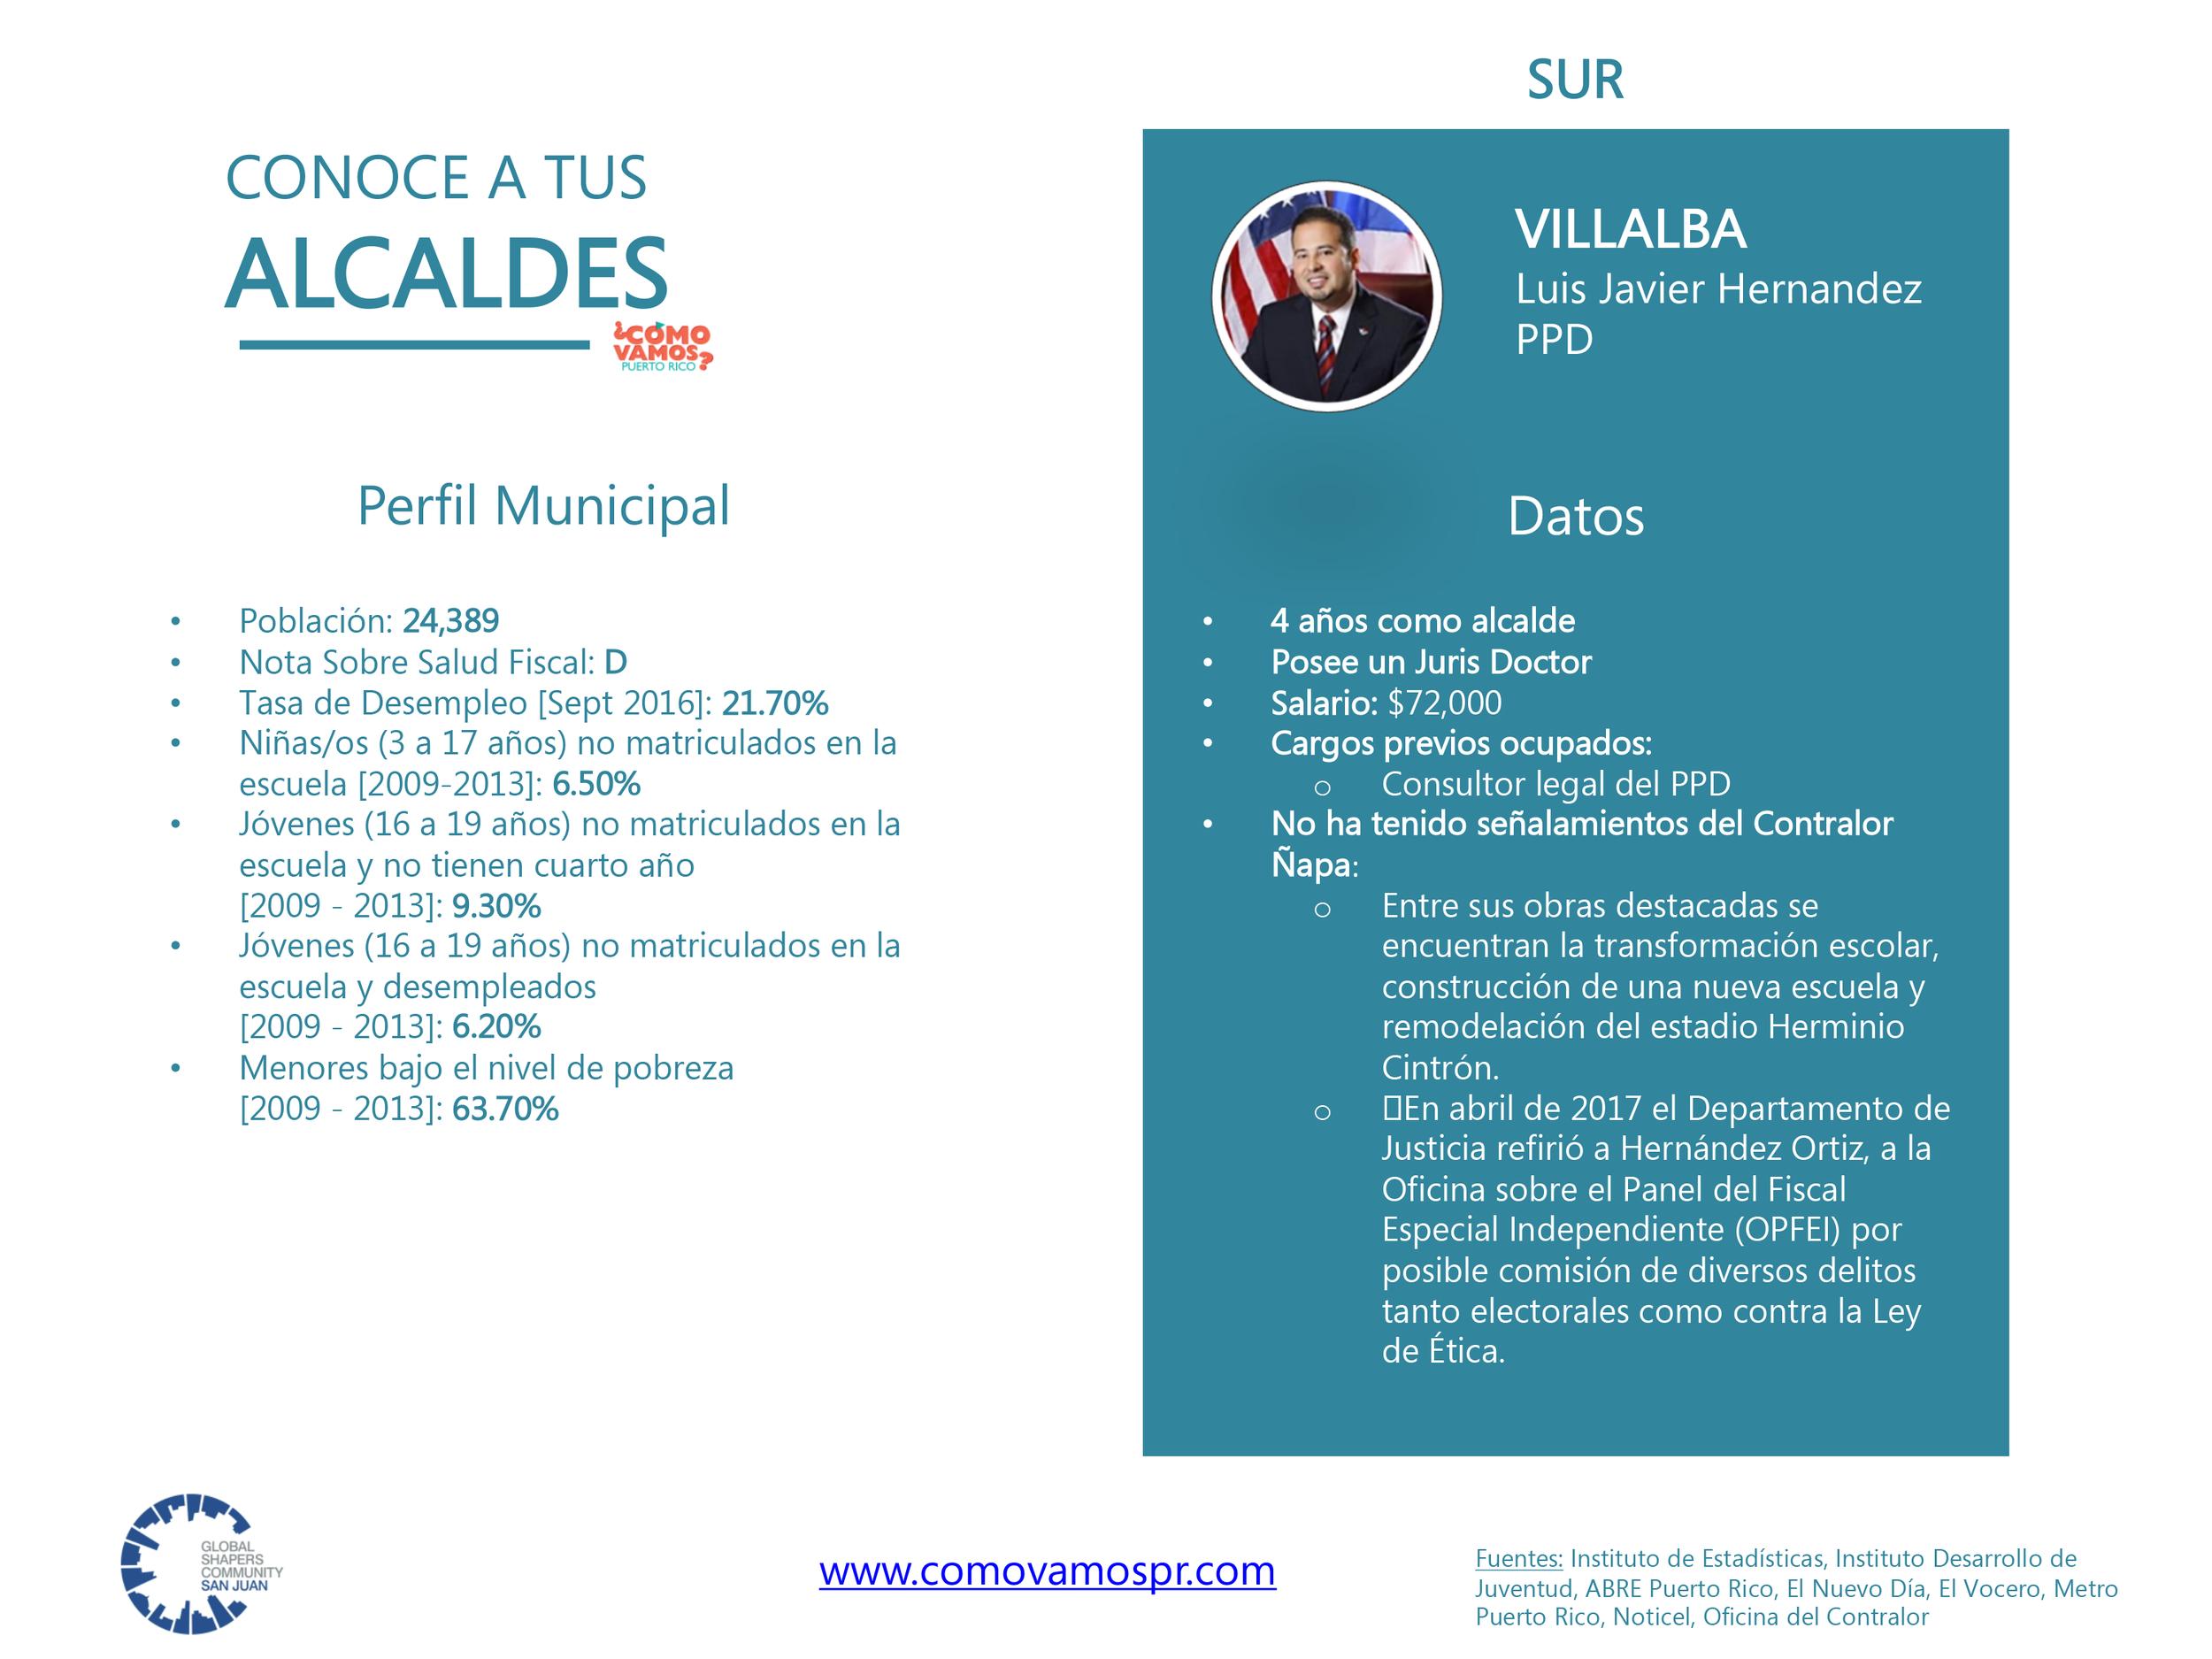 Alcaldes_Sur-Villalba.png